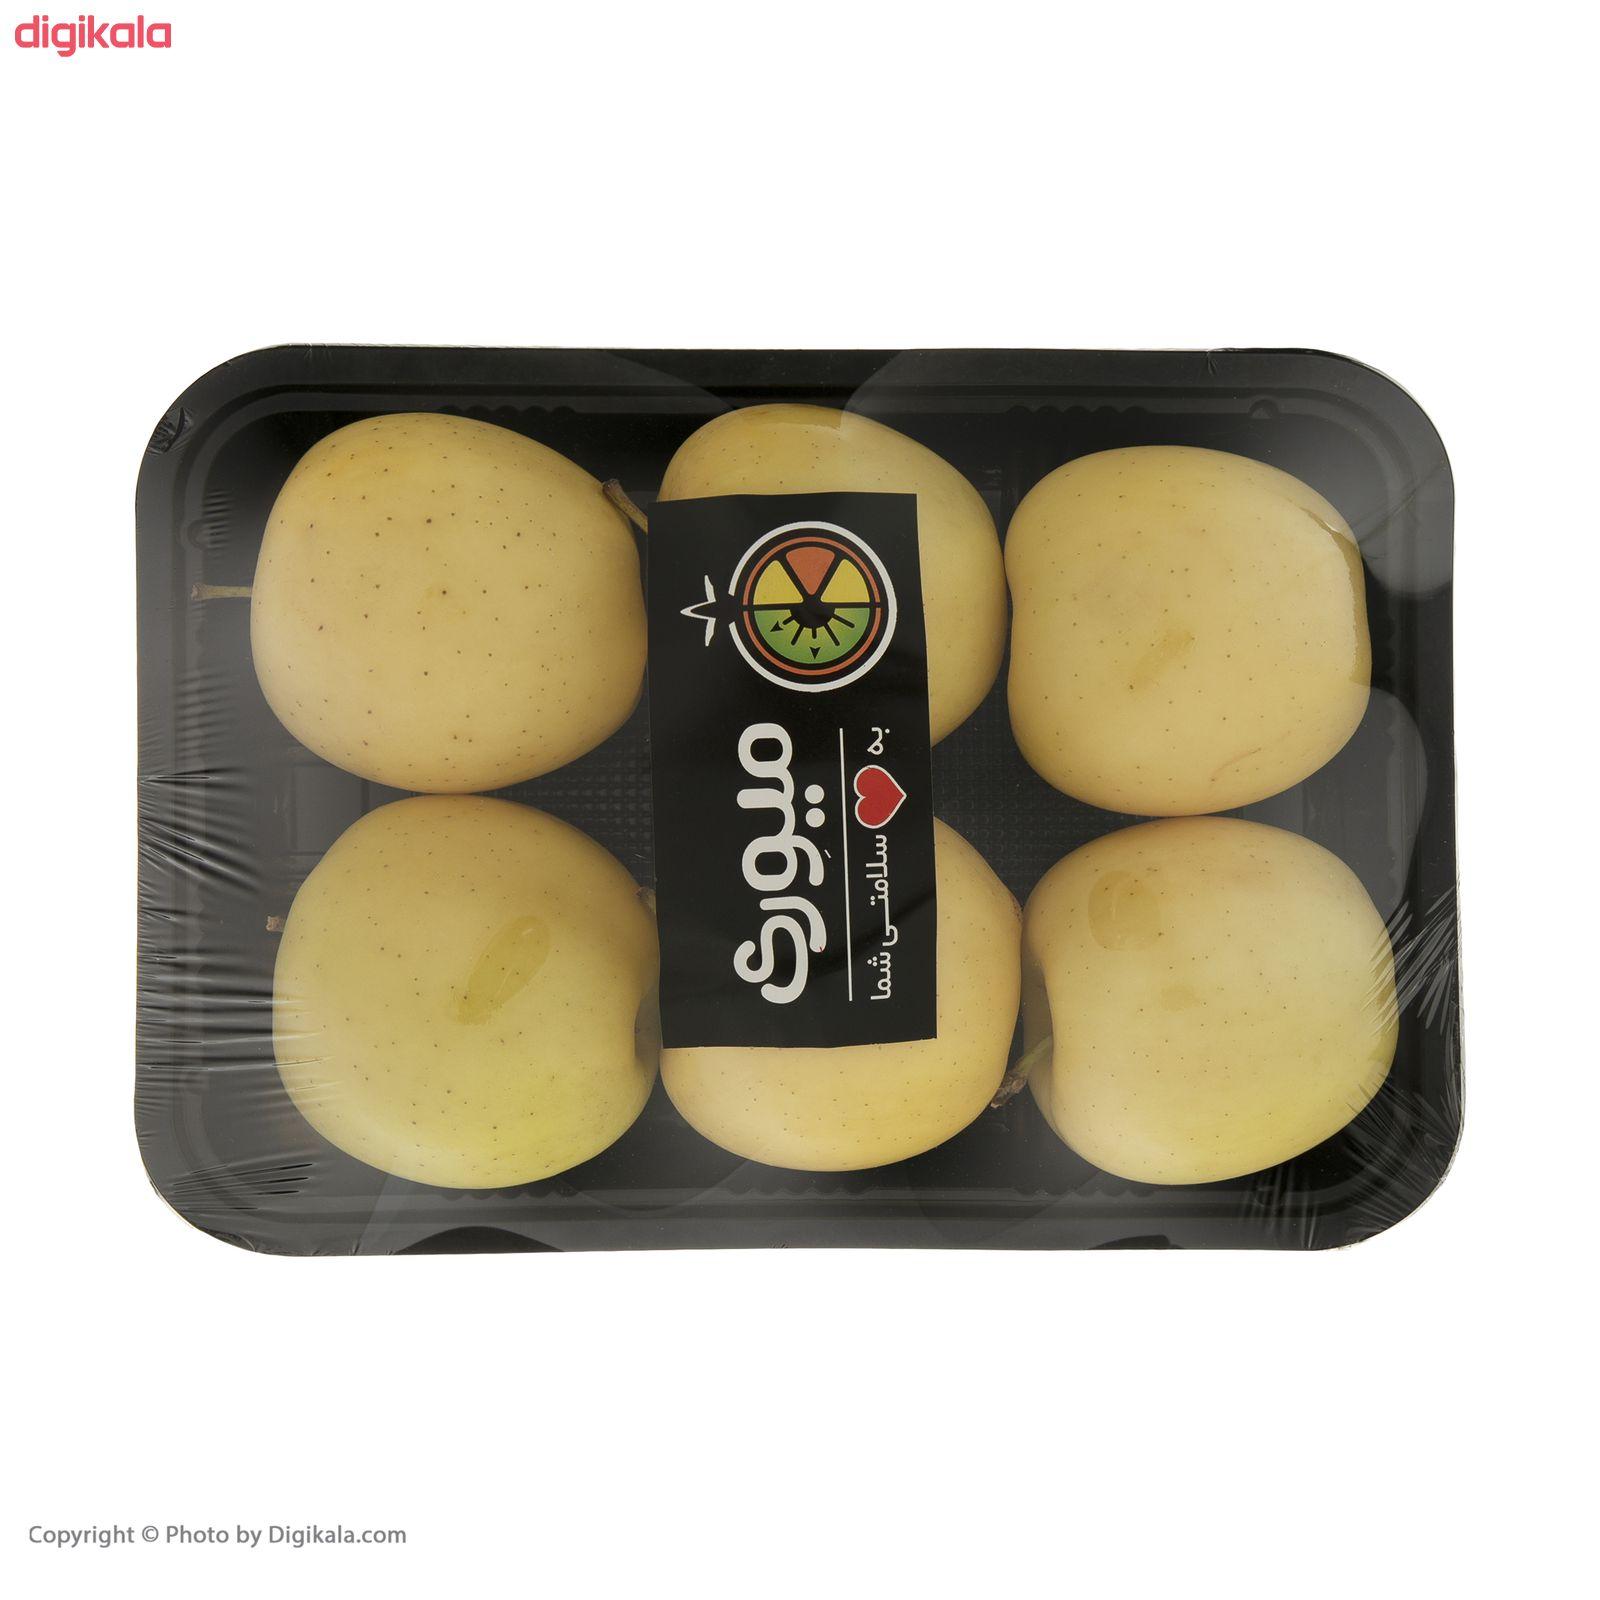 سیب زرد میوری - 1 کیلوگرم main 1 3